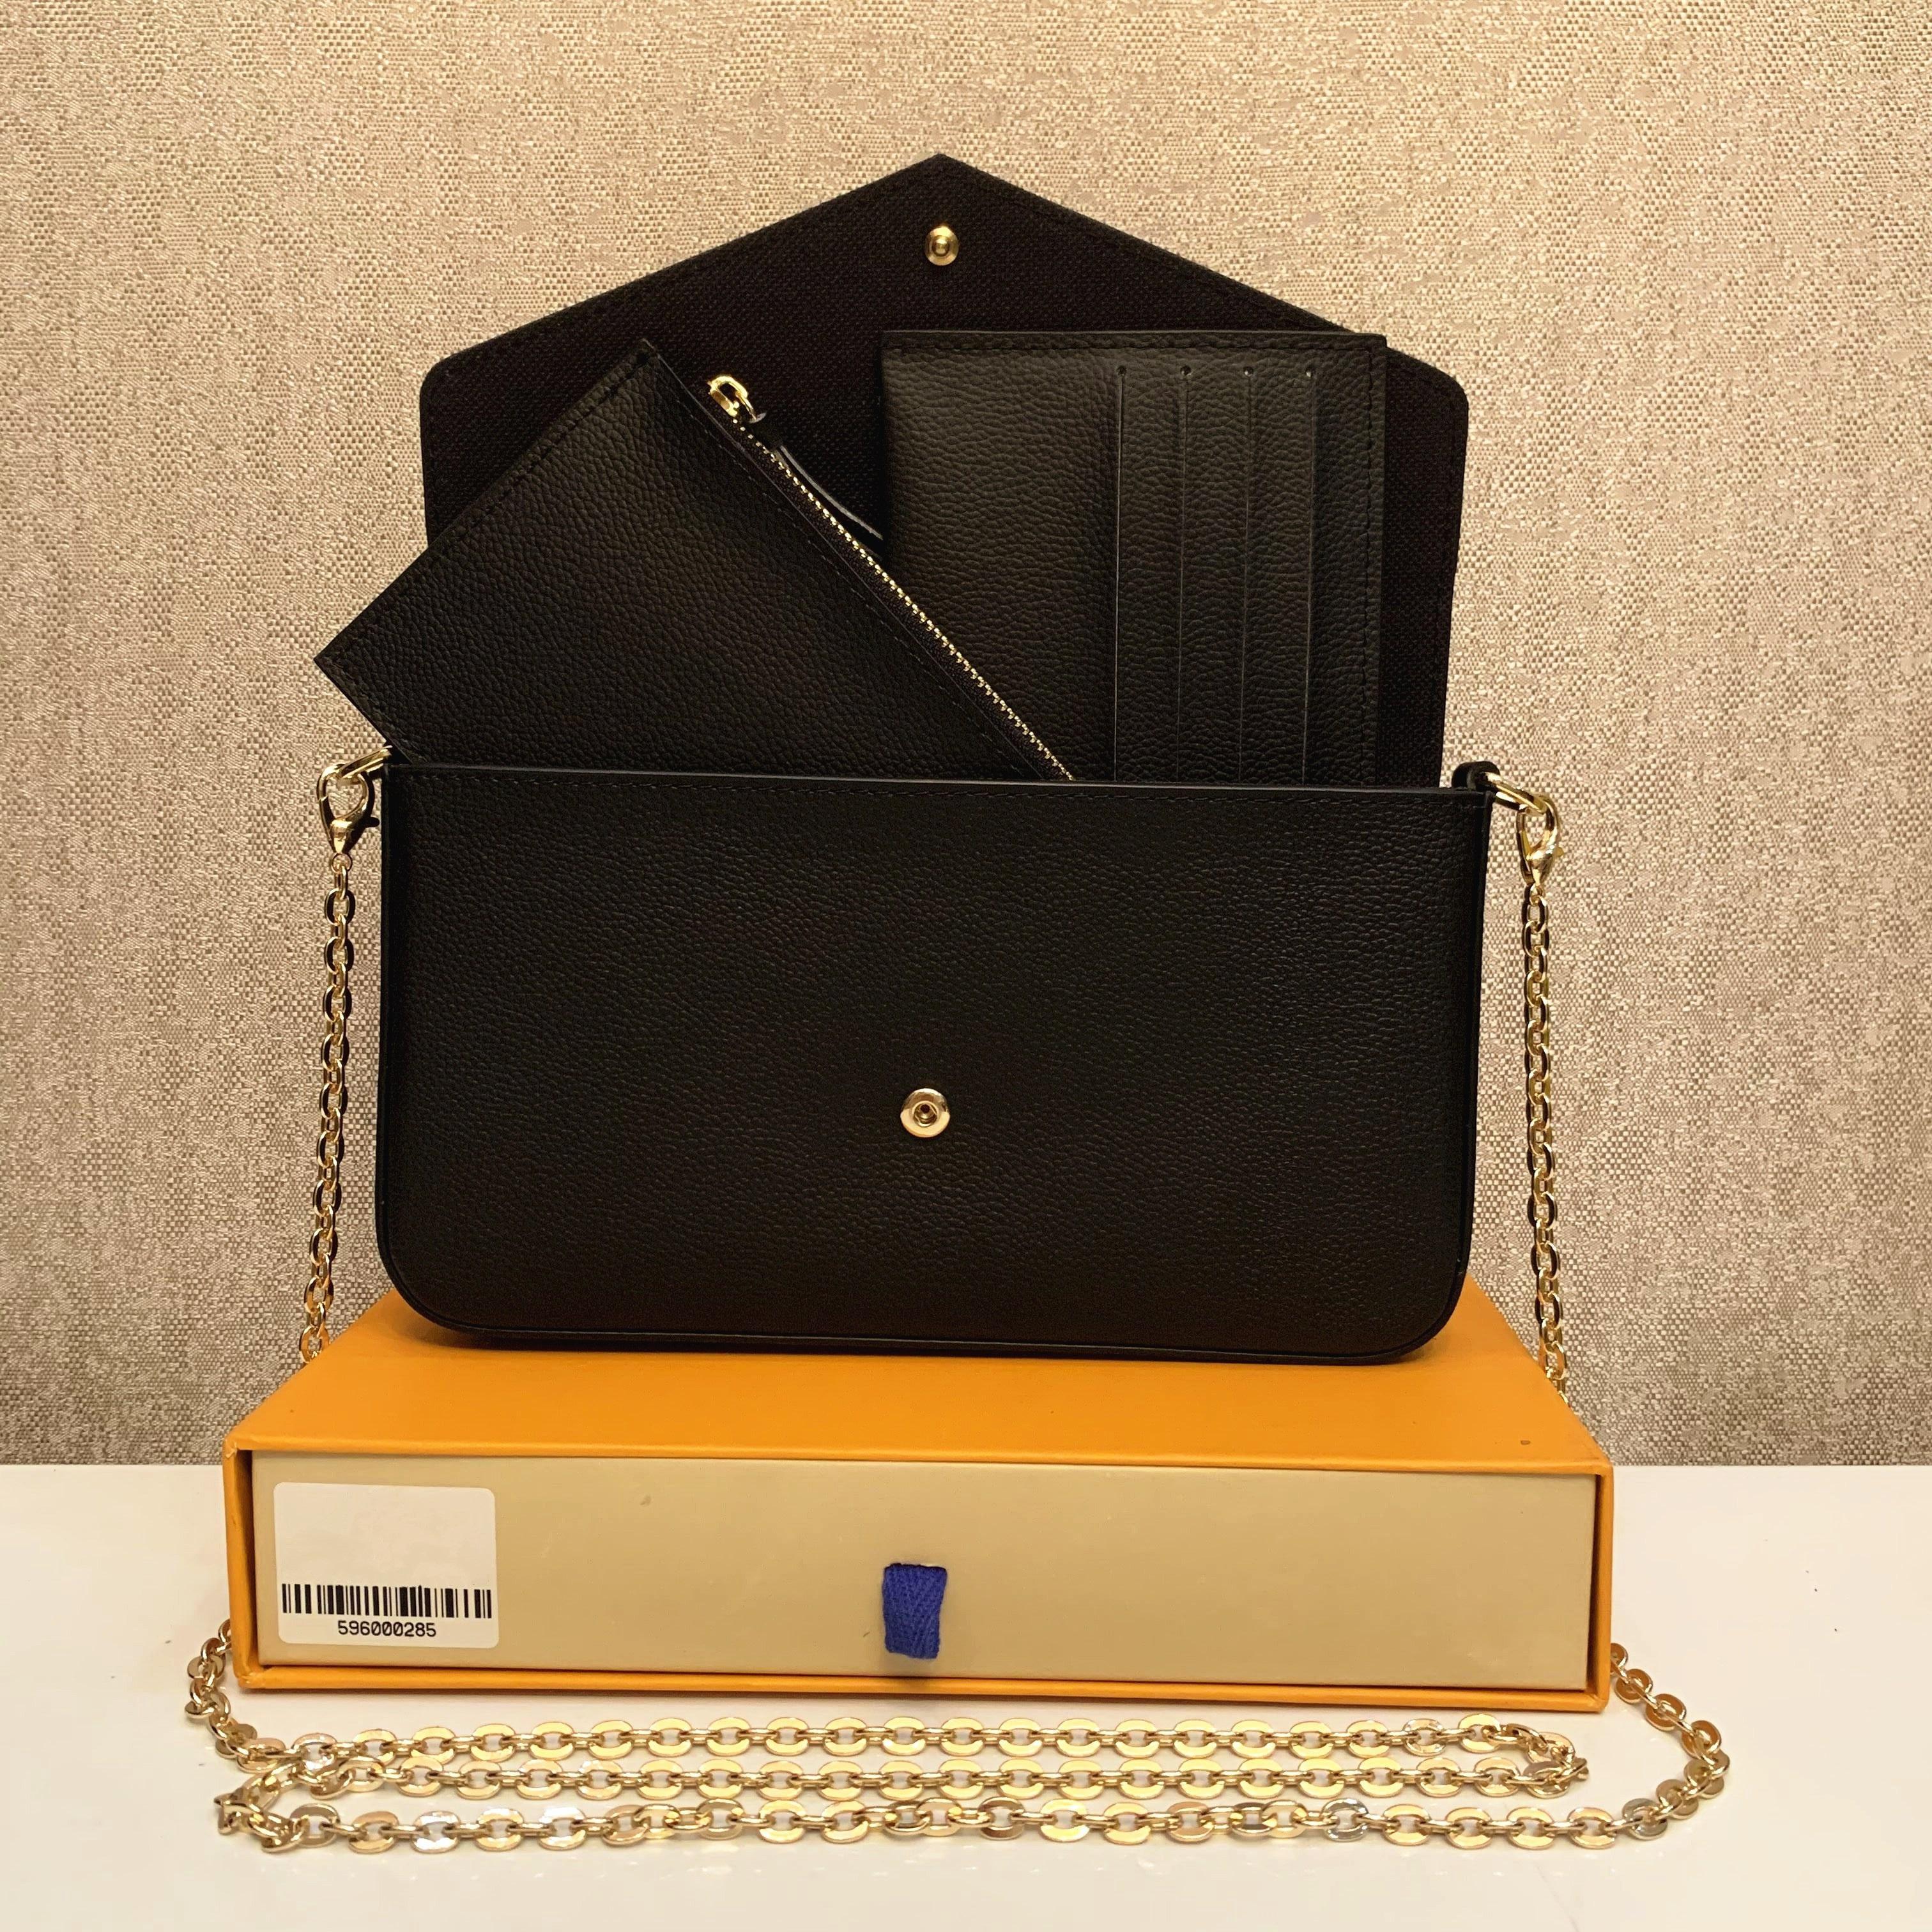 클래식 럭셔리 디자이너 핸드백 Pochette Felicie 가방 정품 가죽 핸드백 숄더 핸드백 클러치 토트 메신저 쇼핑 지갑 상자